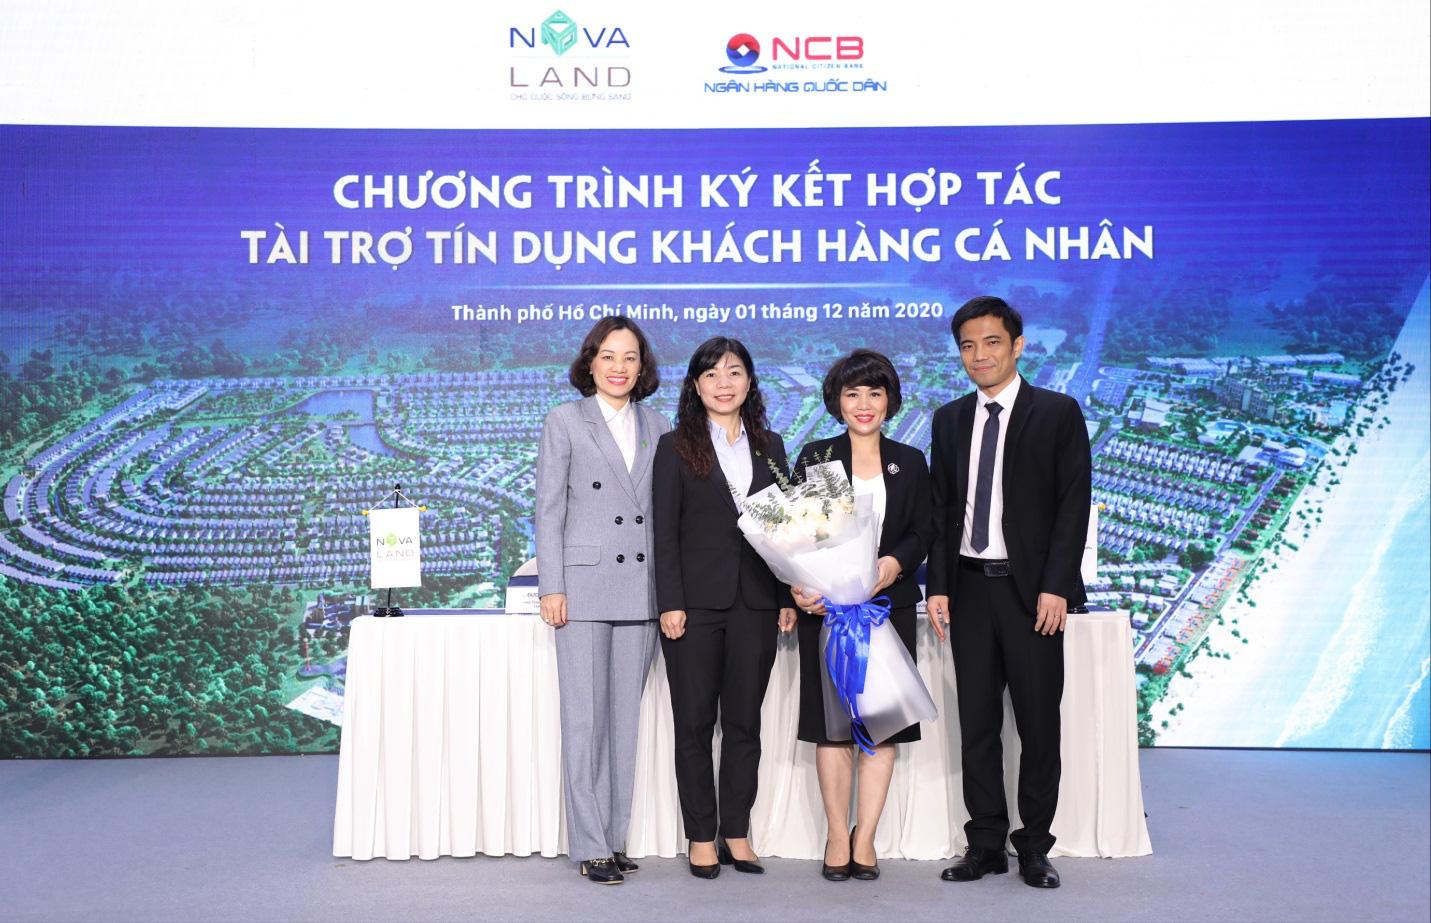 NCB tài trợ tín dụng khách hàng cá nhân mua dự án của Novaland - Ảnh 2.